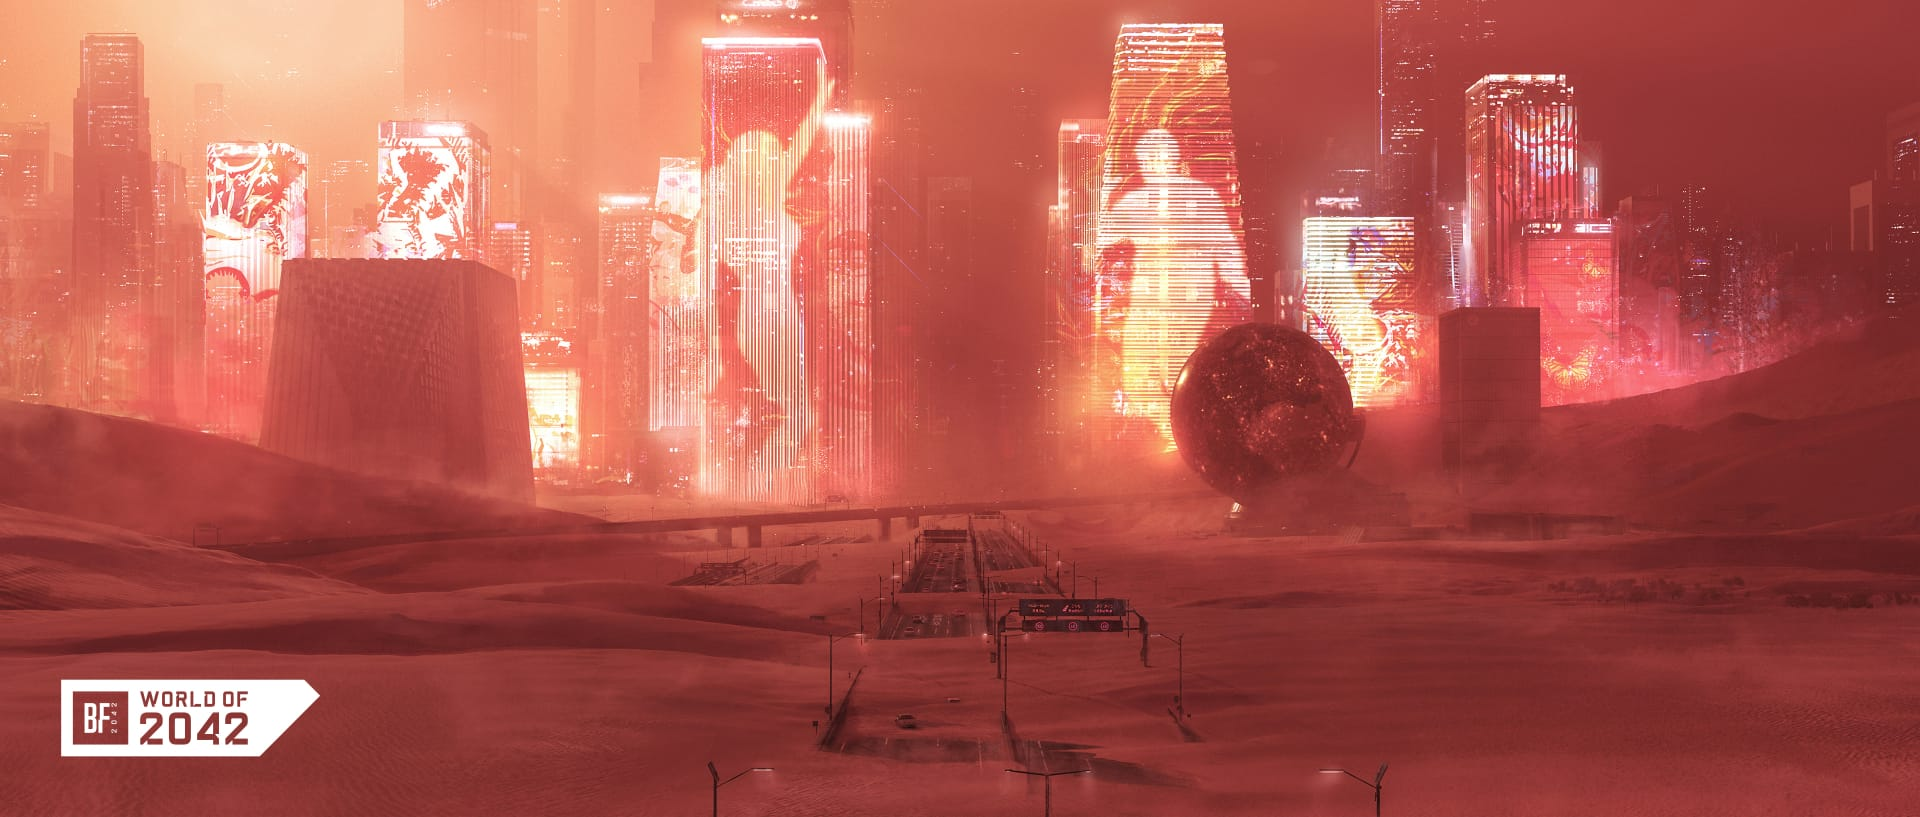 """Das prächtige Doha wurde einst wegen seiner LED-Skyline als """"Stadt des Quarz"""" bezeichnet."""